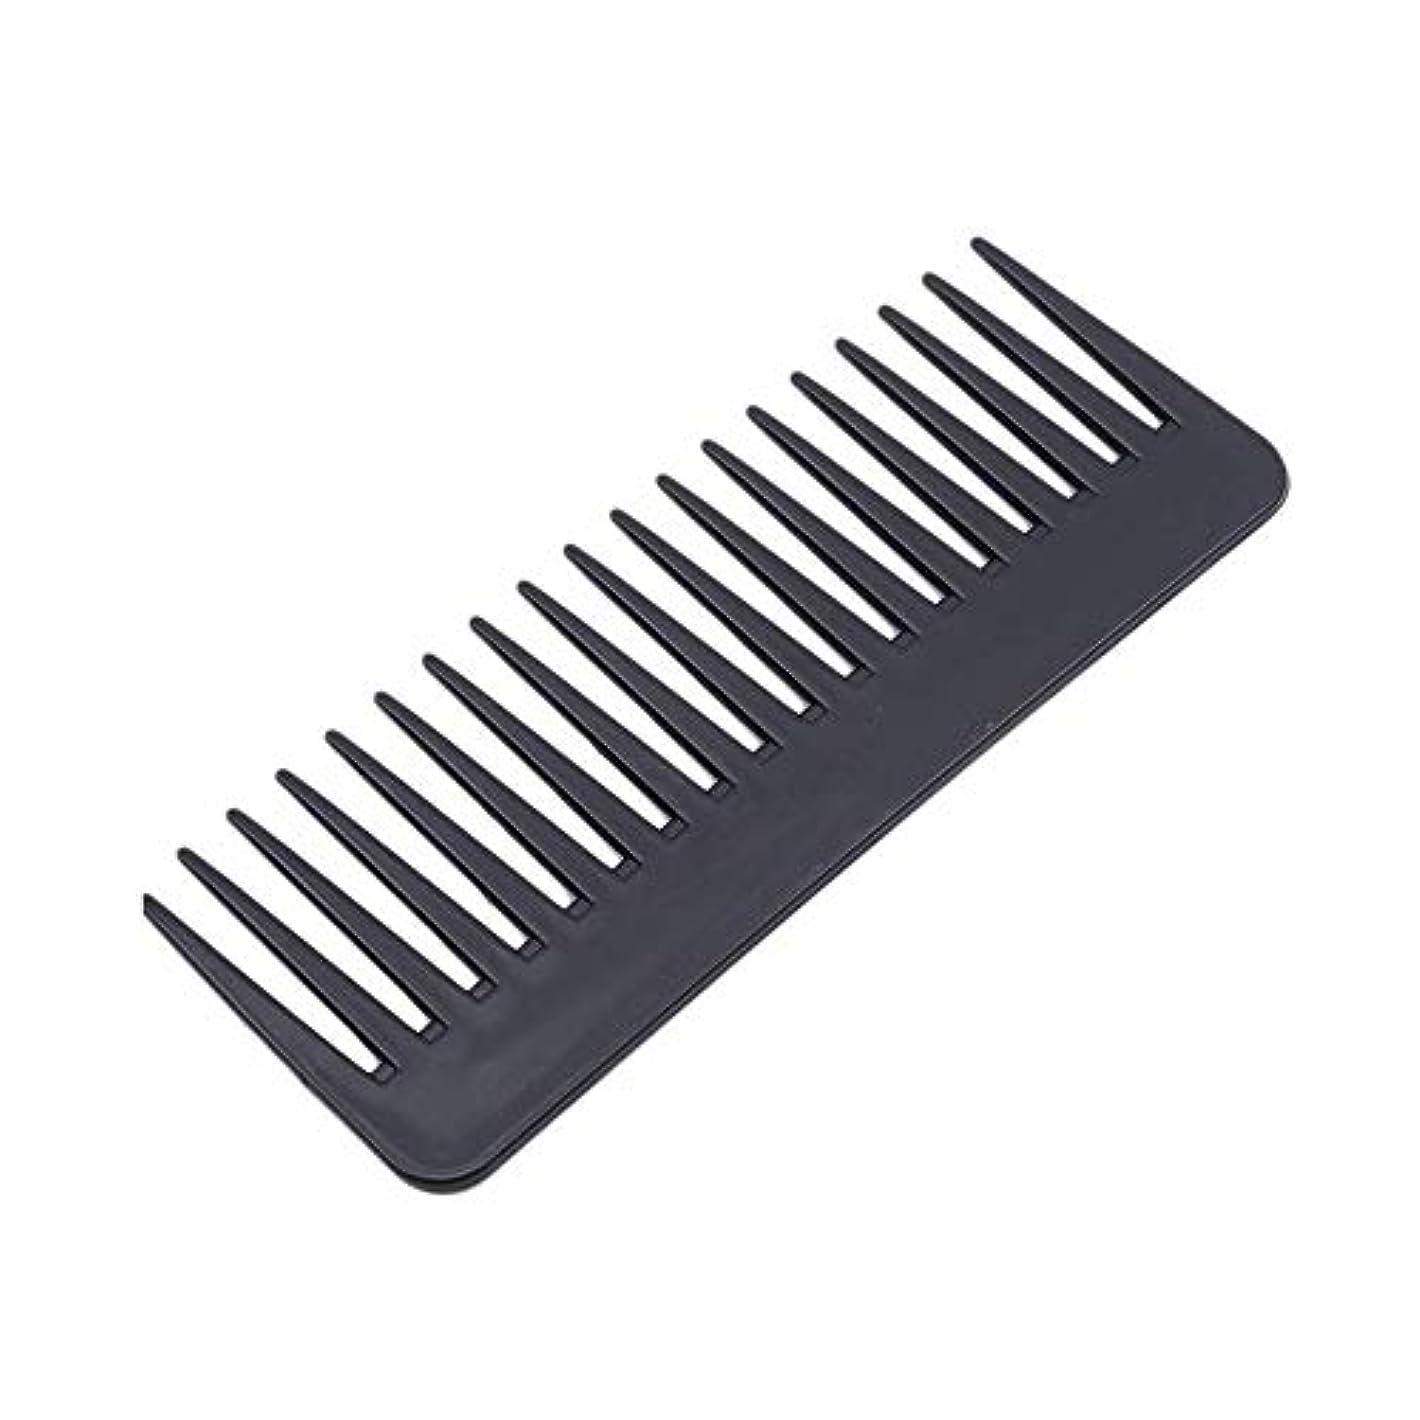 モディッシュデッキ生命体1st market 広い歯の櫛の腹筋理髪ツールの ための耐熱性プラスチック大きな歯の櫛